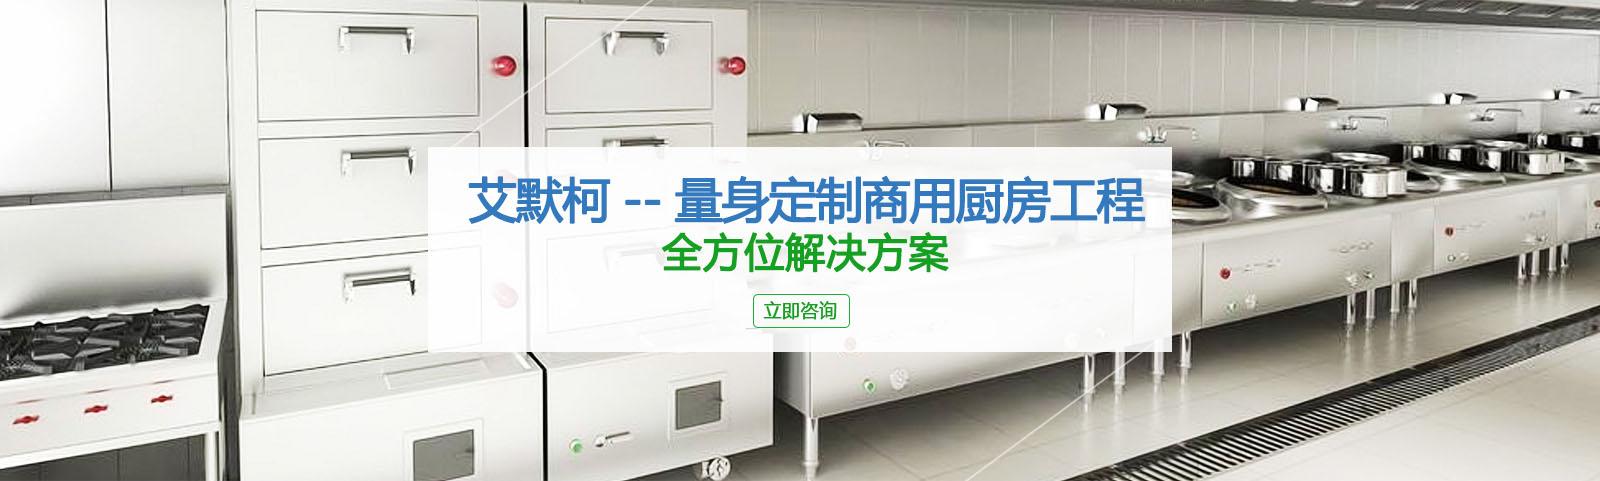 艾默柯—量身定制商用厨房工程 全方位解决方案